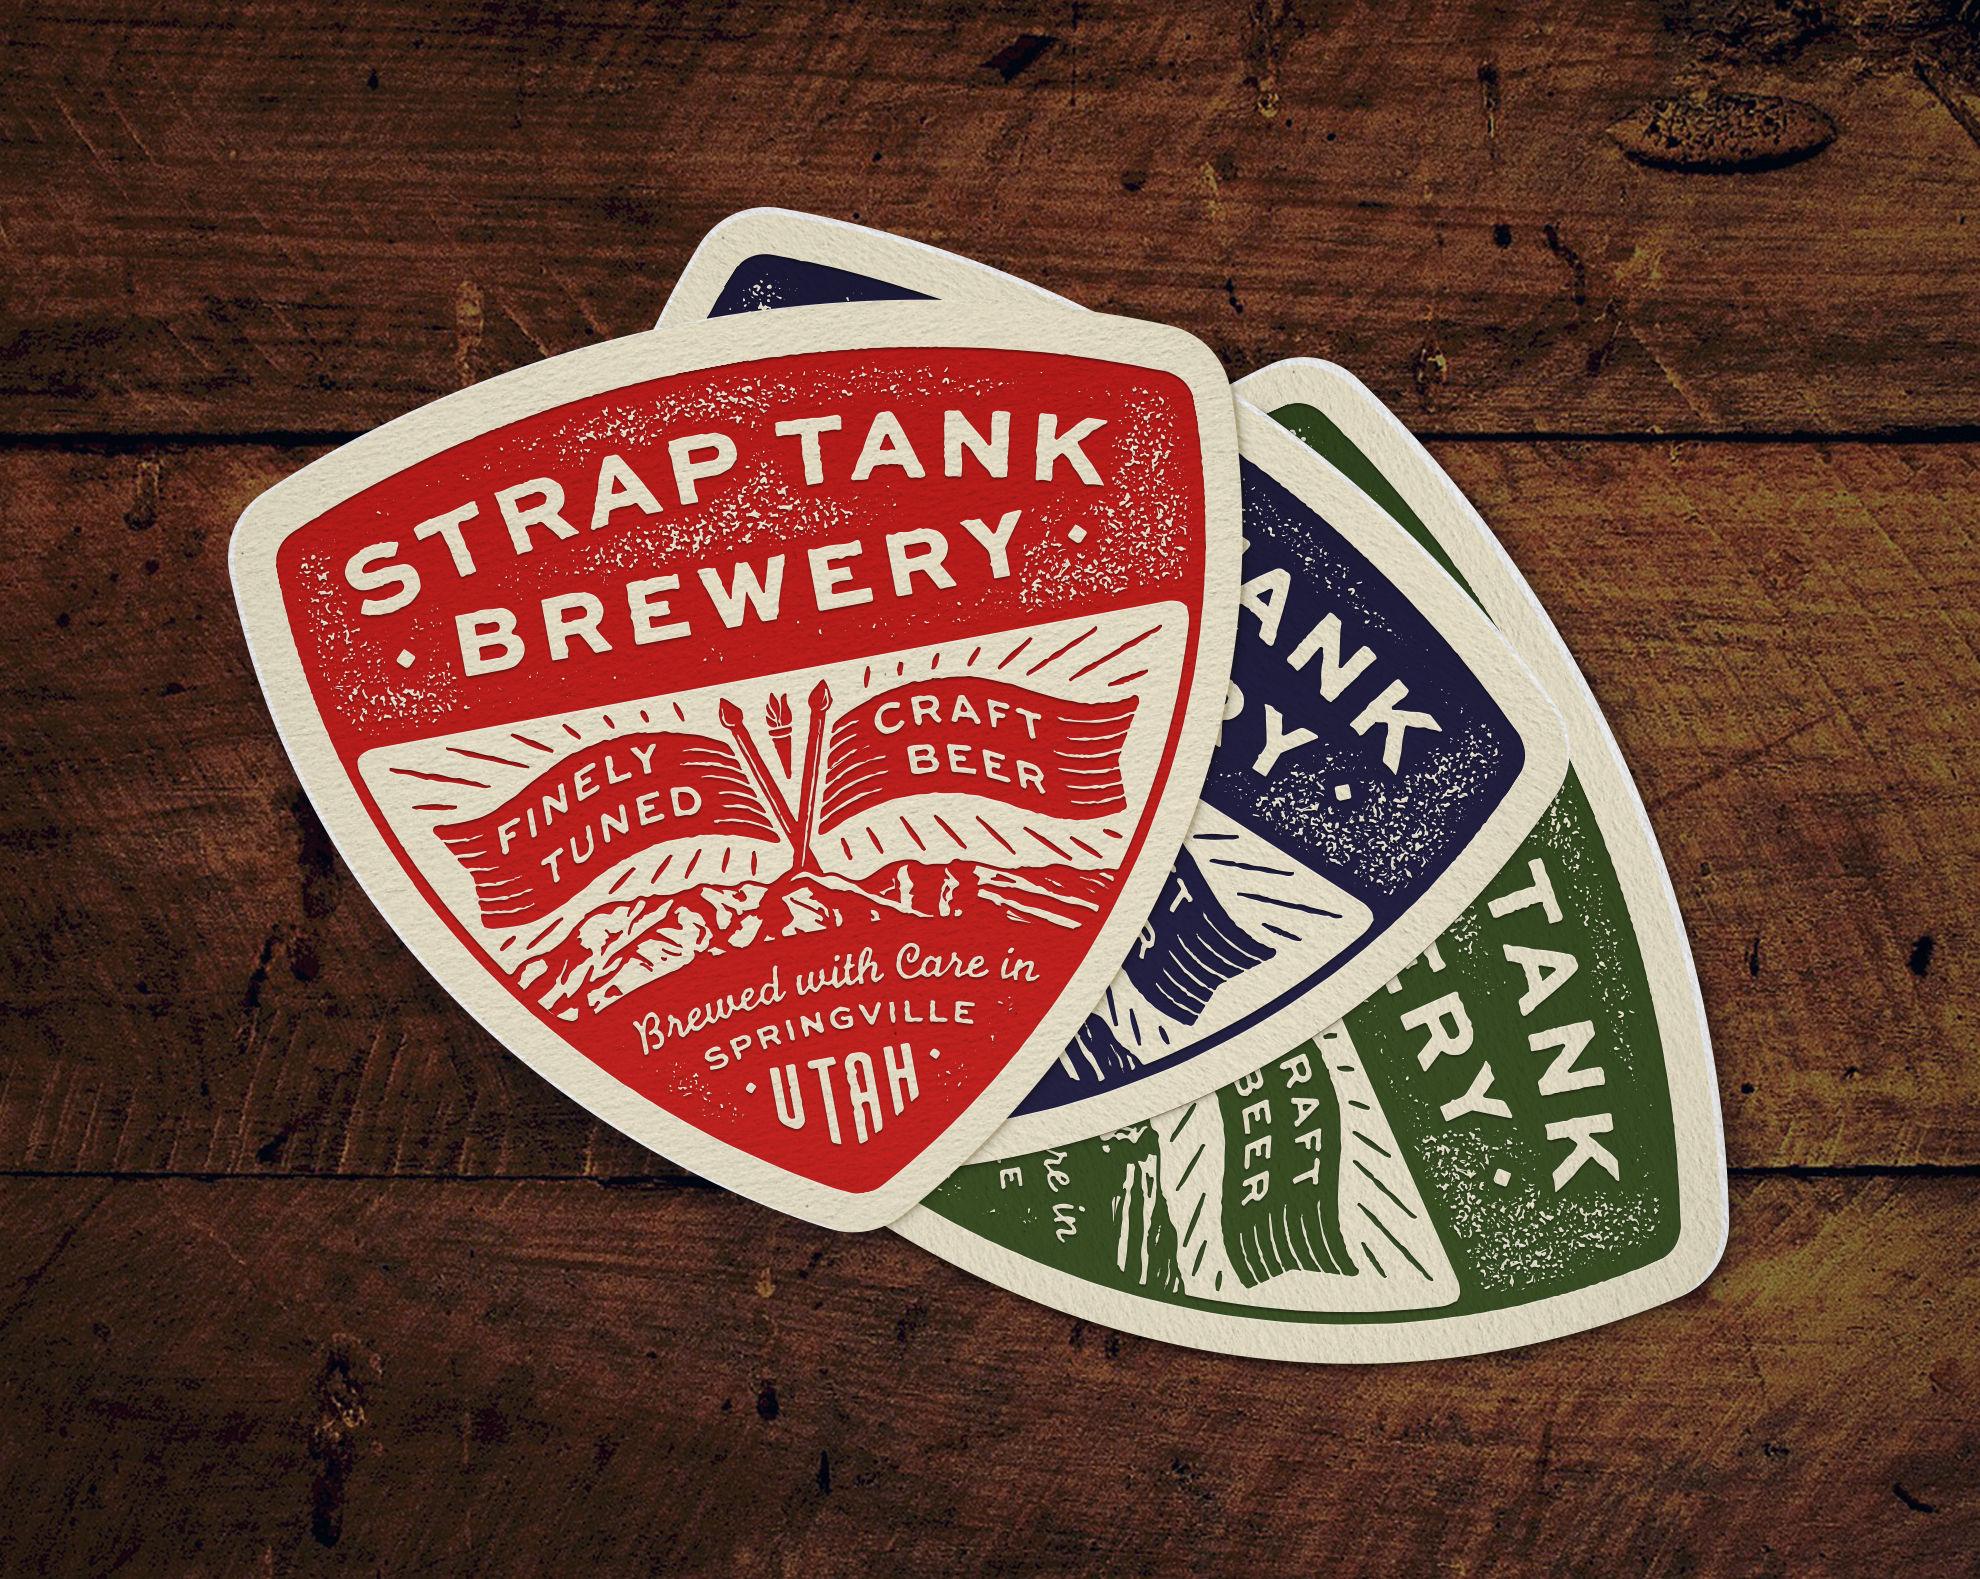 Beer & Branding: Strap Tank Brewery